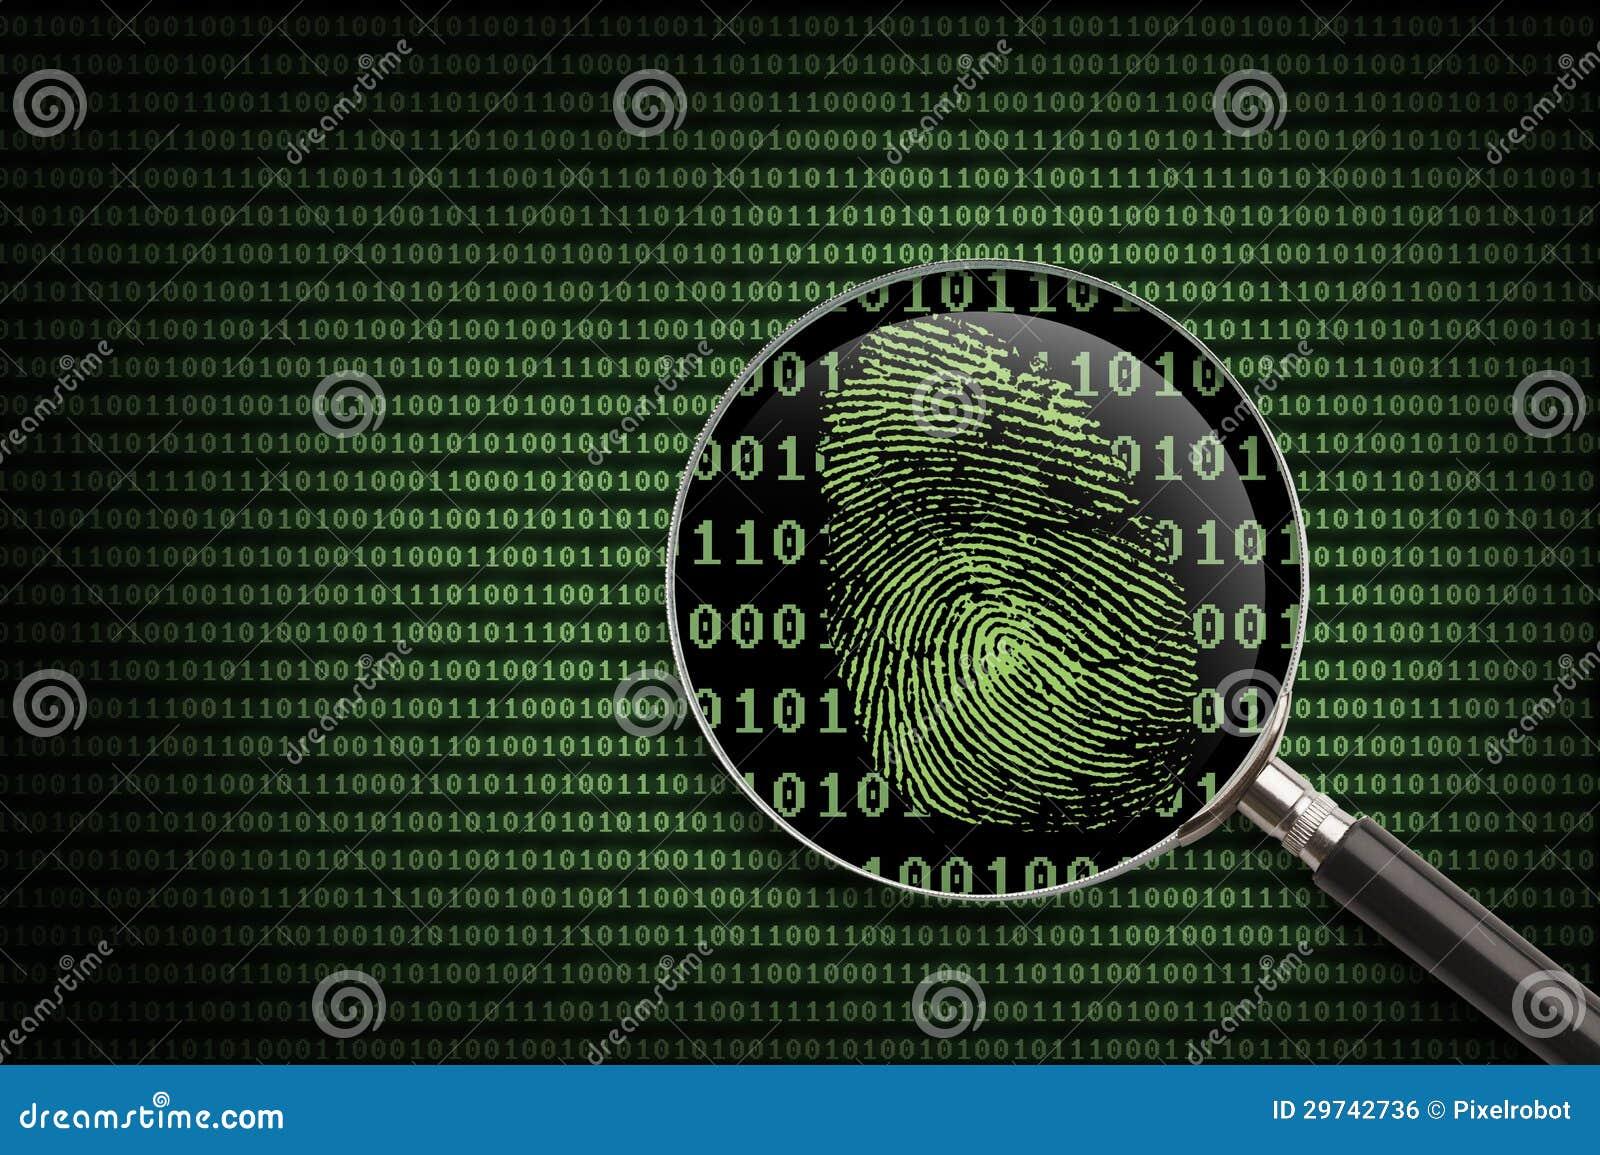 Magnifying Glass Online Fingerprint